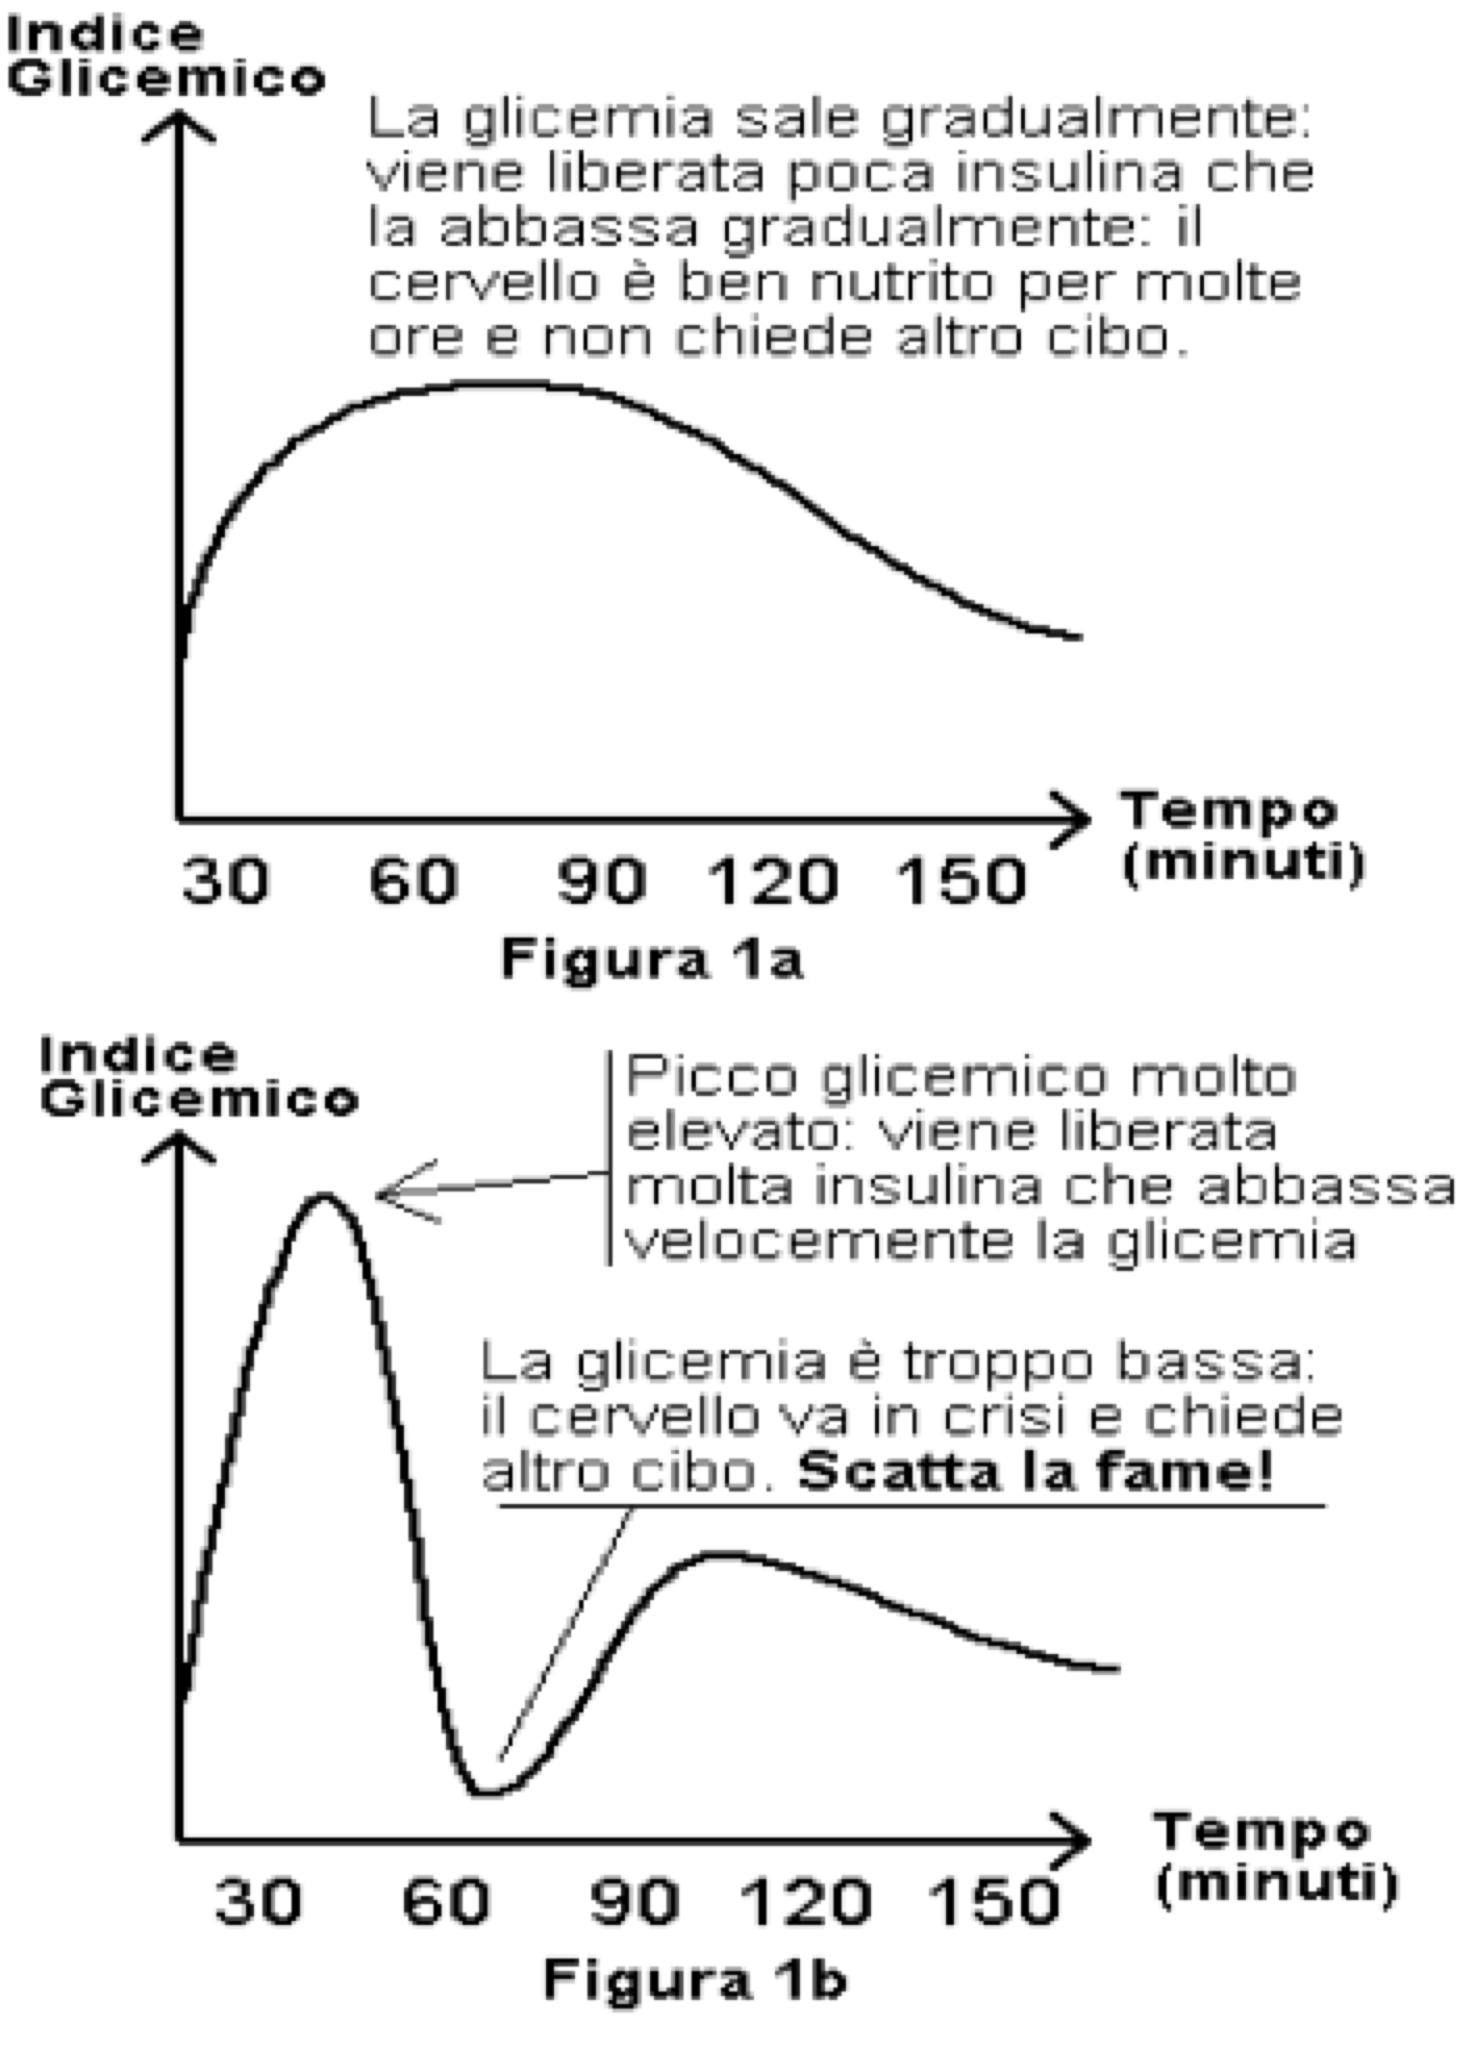 Indice_glicemico_tempo.png